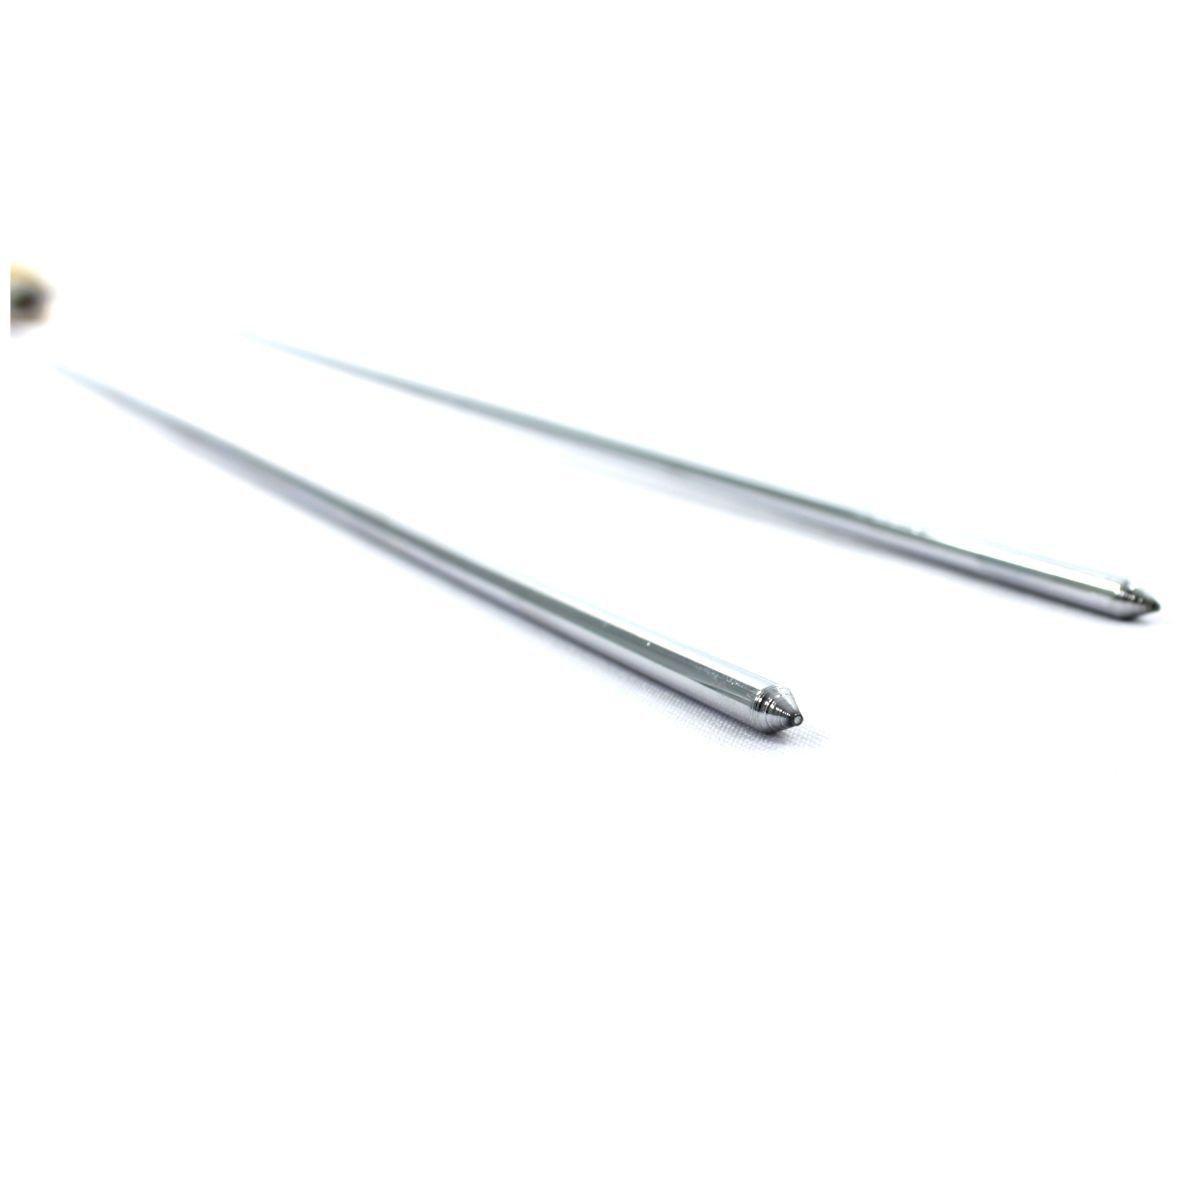 Kit 2 Espetos Duplos Aperitivos e 2 Espetos Simples Churrasco 70cm - Aço Cromado